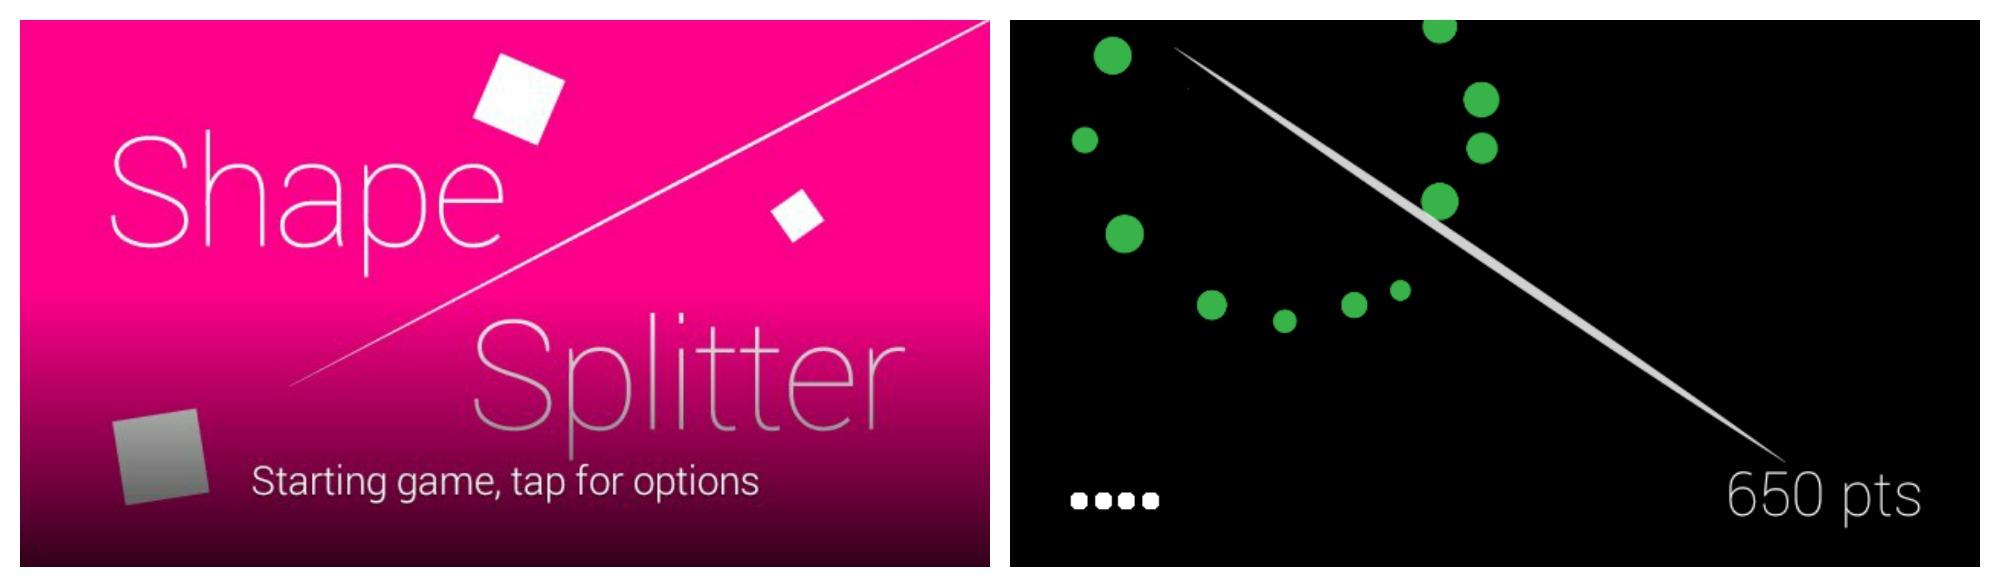 Shape Splitter Glass mini-game